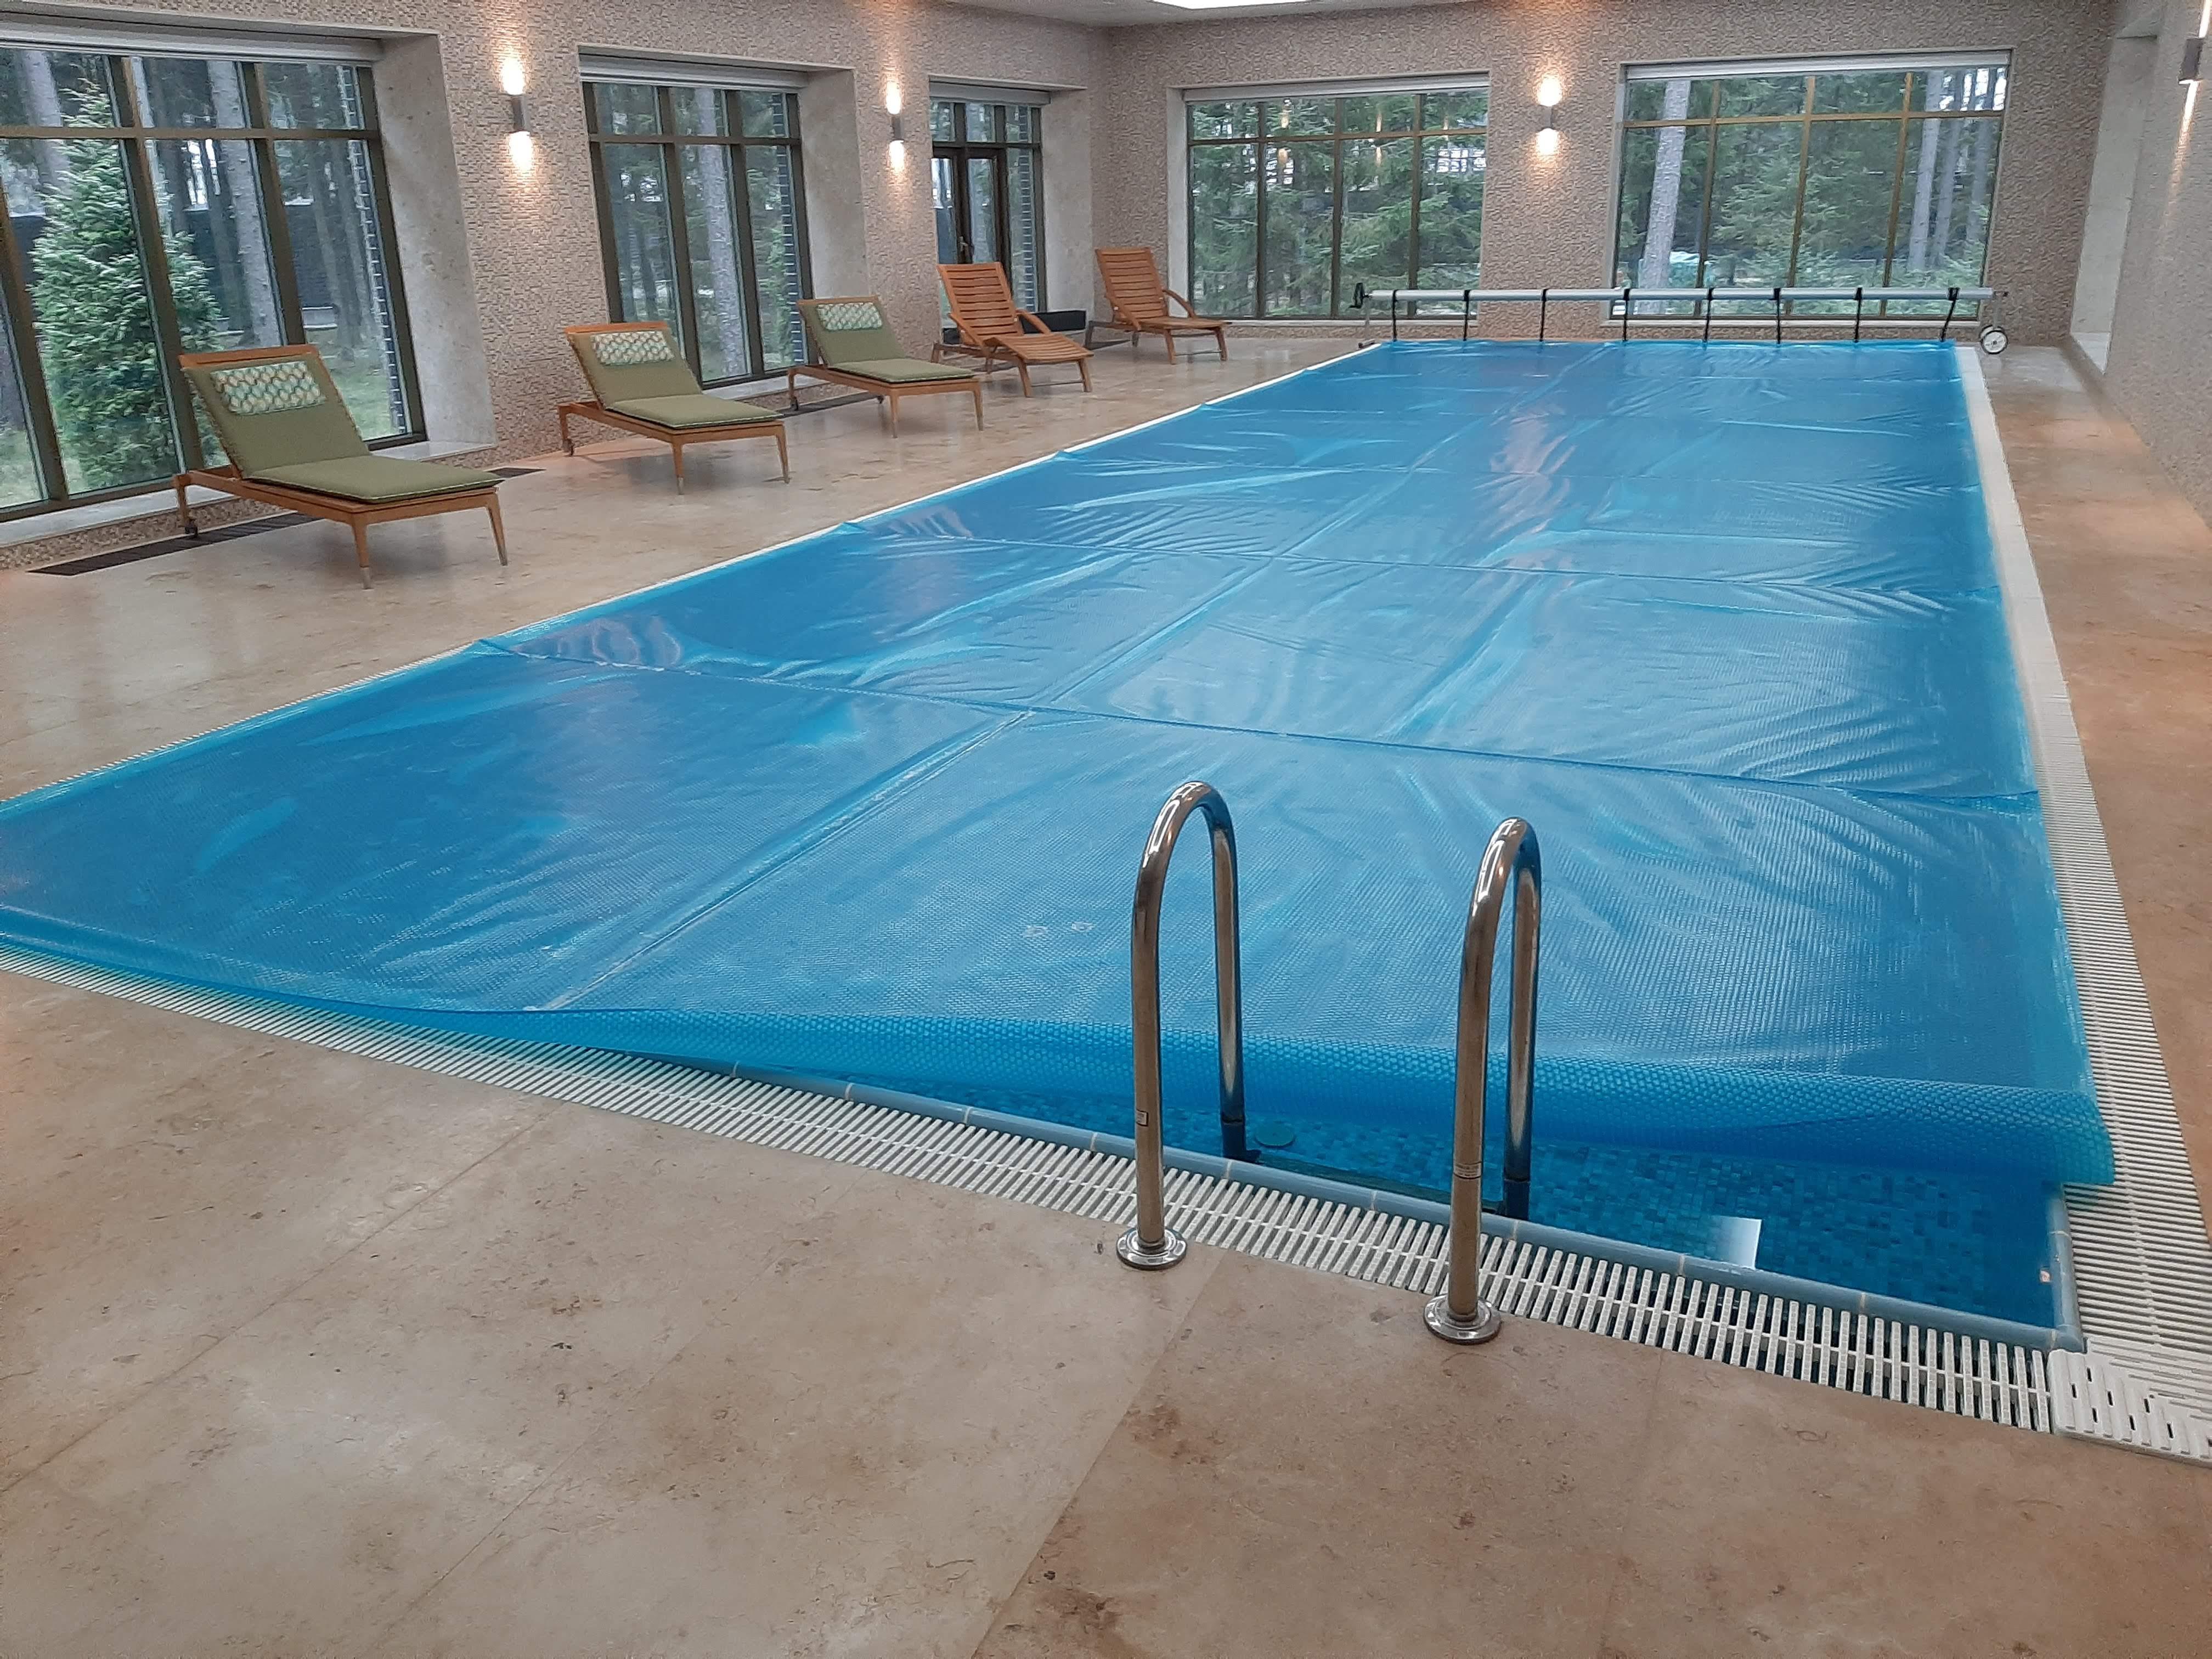 Обслуживание бассейна в частном доме